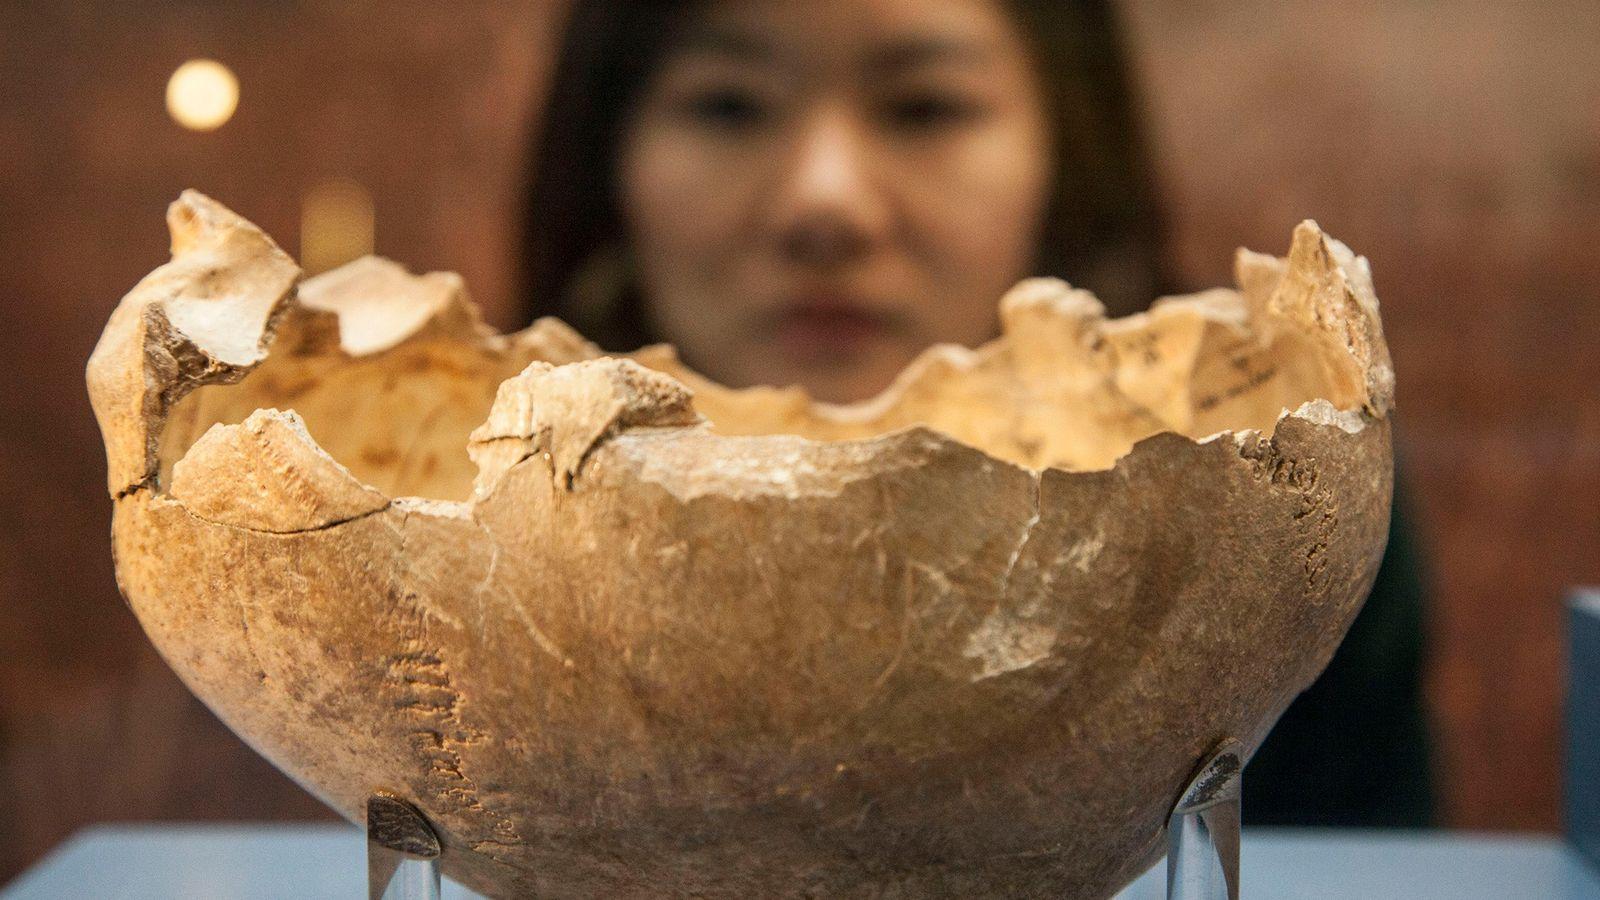 Cette coupe faite à partir d'un crâne humain a été trouvée sur un site archéologique en ...